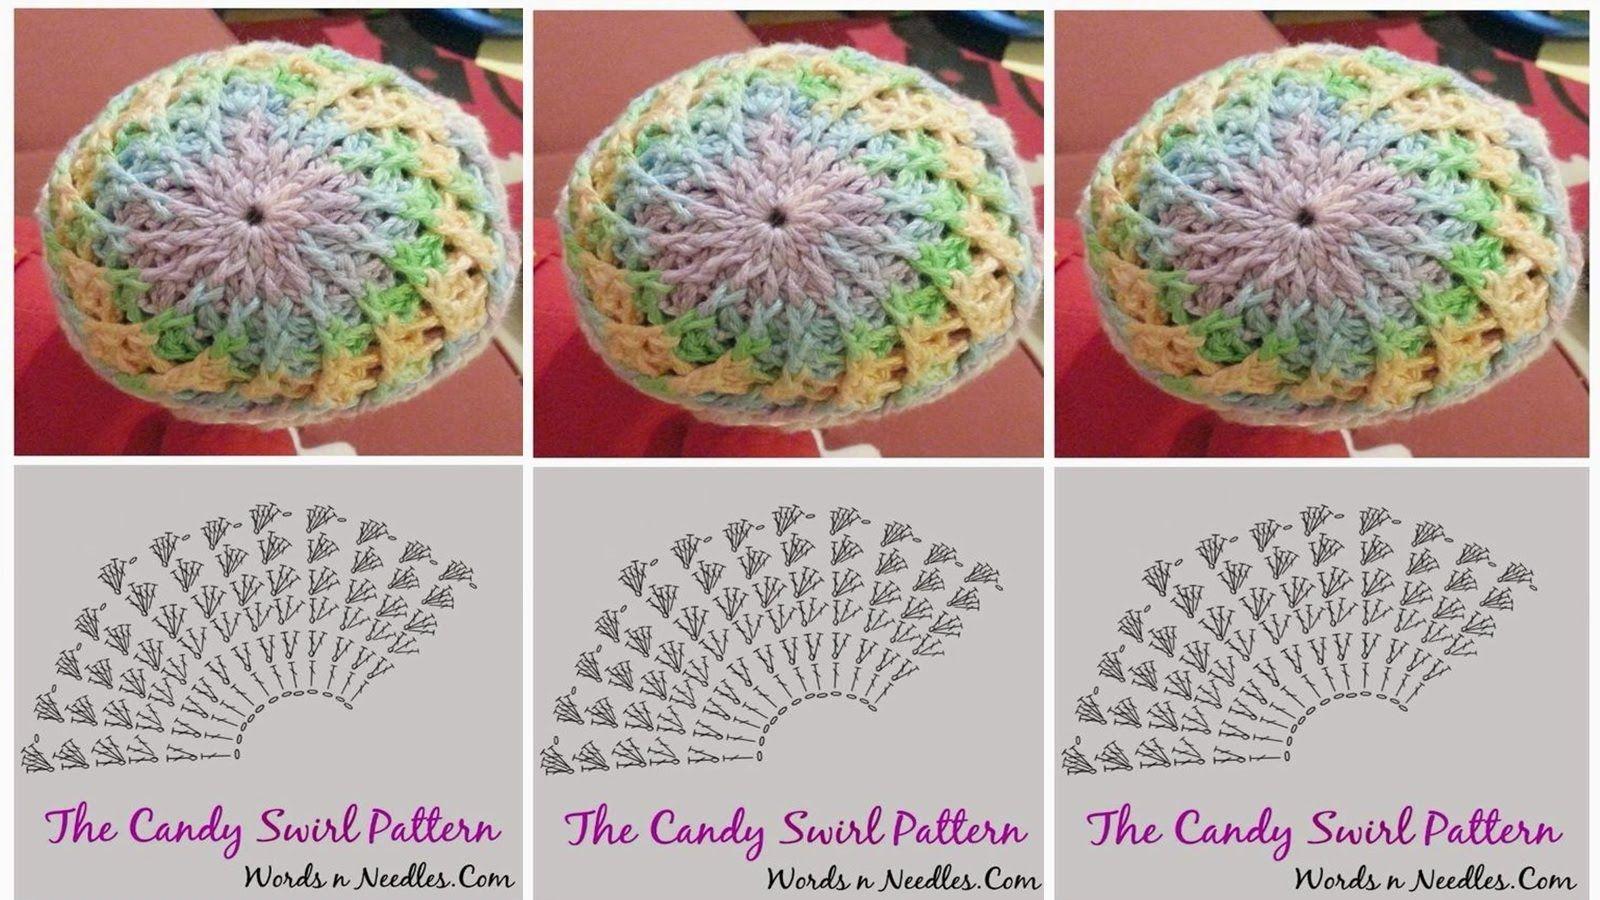 PATRONES DE GORRAS TEJIDOS A CROCHET PARA DAMAS - YouTube | crochet ...